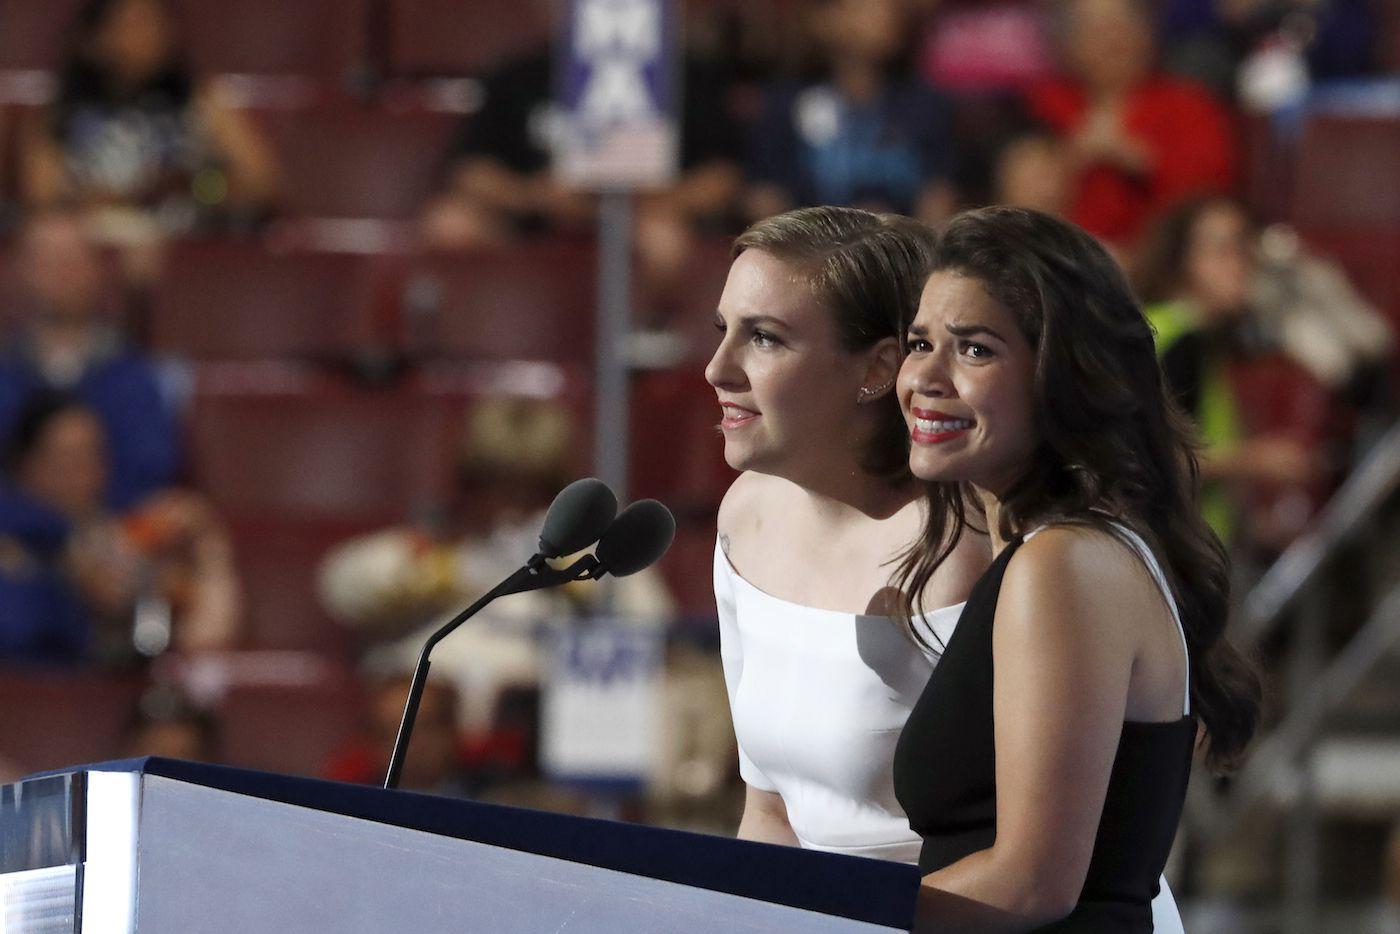 Las actrices América Ferrera, a la derecha, y Lena Dunham hablan en la Convención Demócrata el martes 26 de julio del 2016 en Filadelfia. (AP)